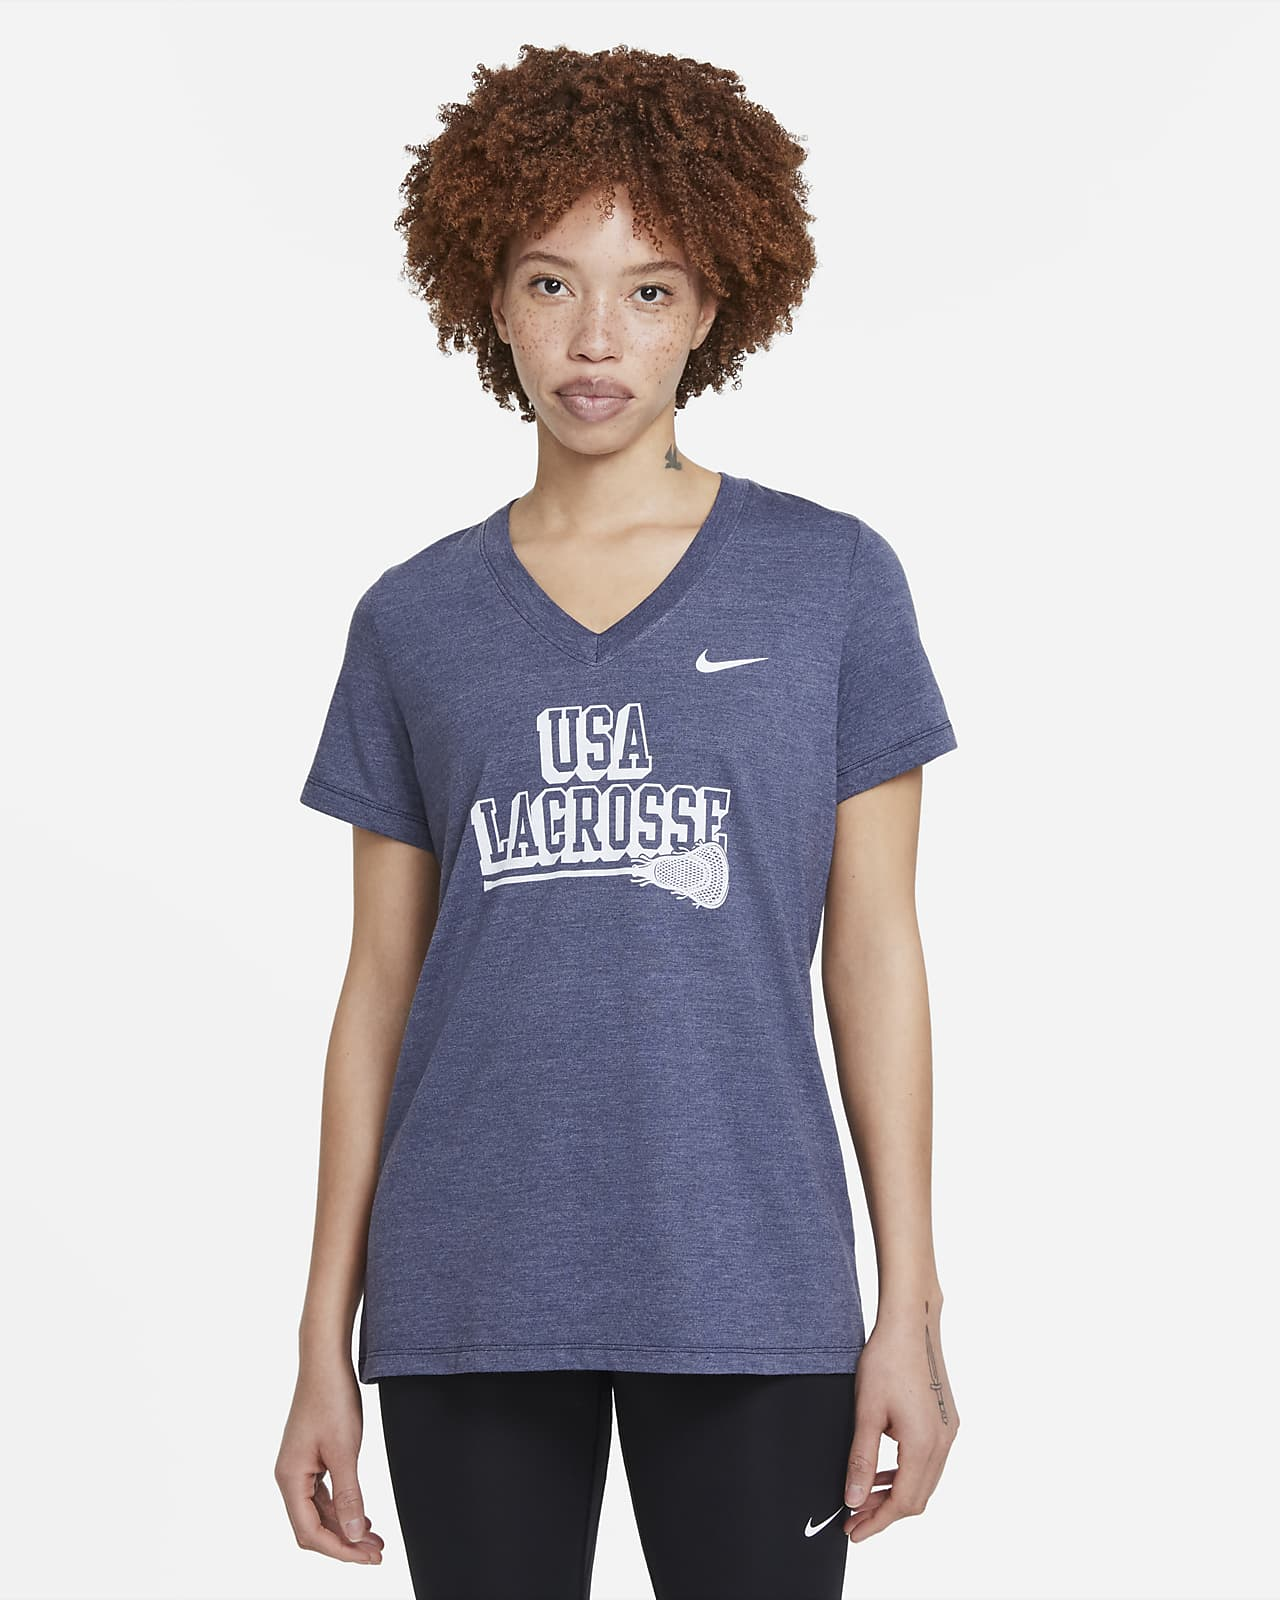 Nike Women's Lacrosse T-Shirt